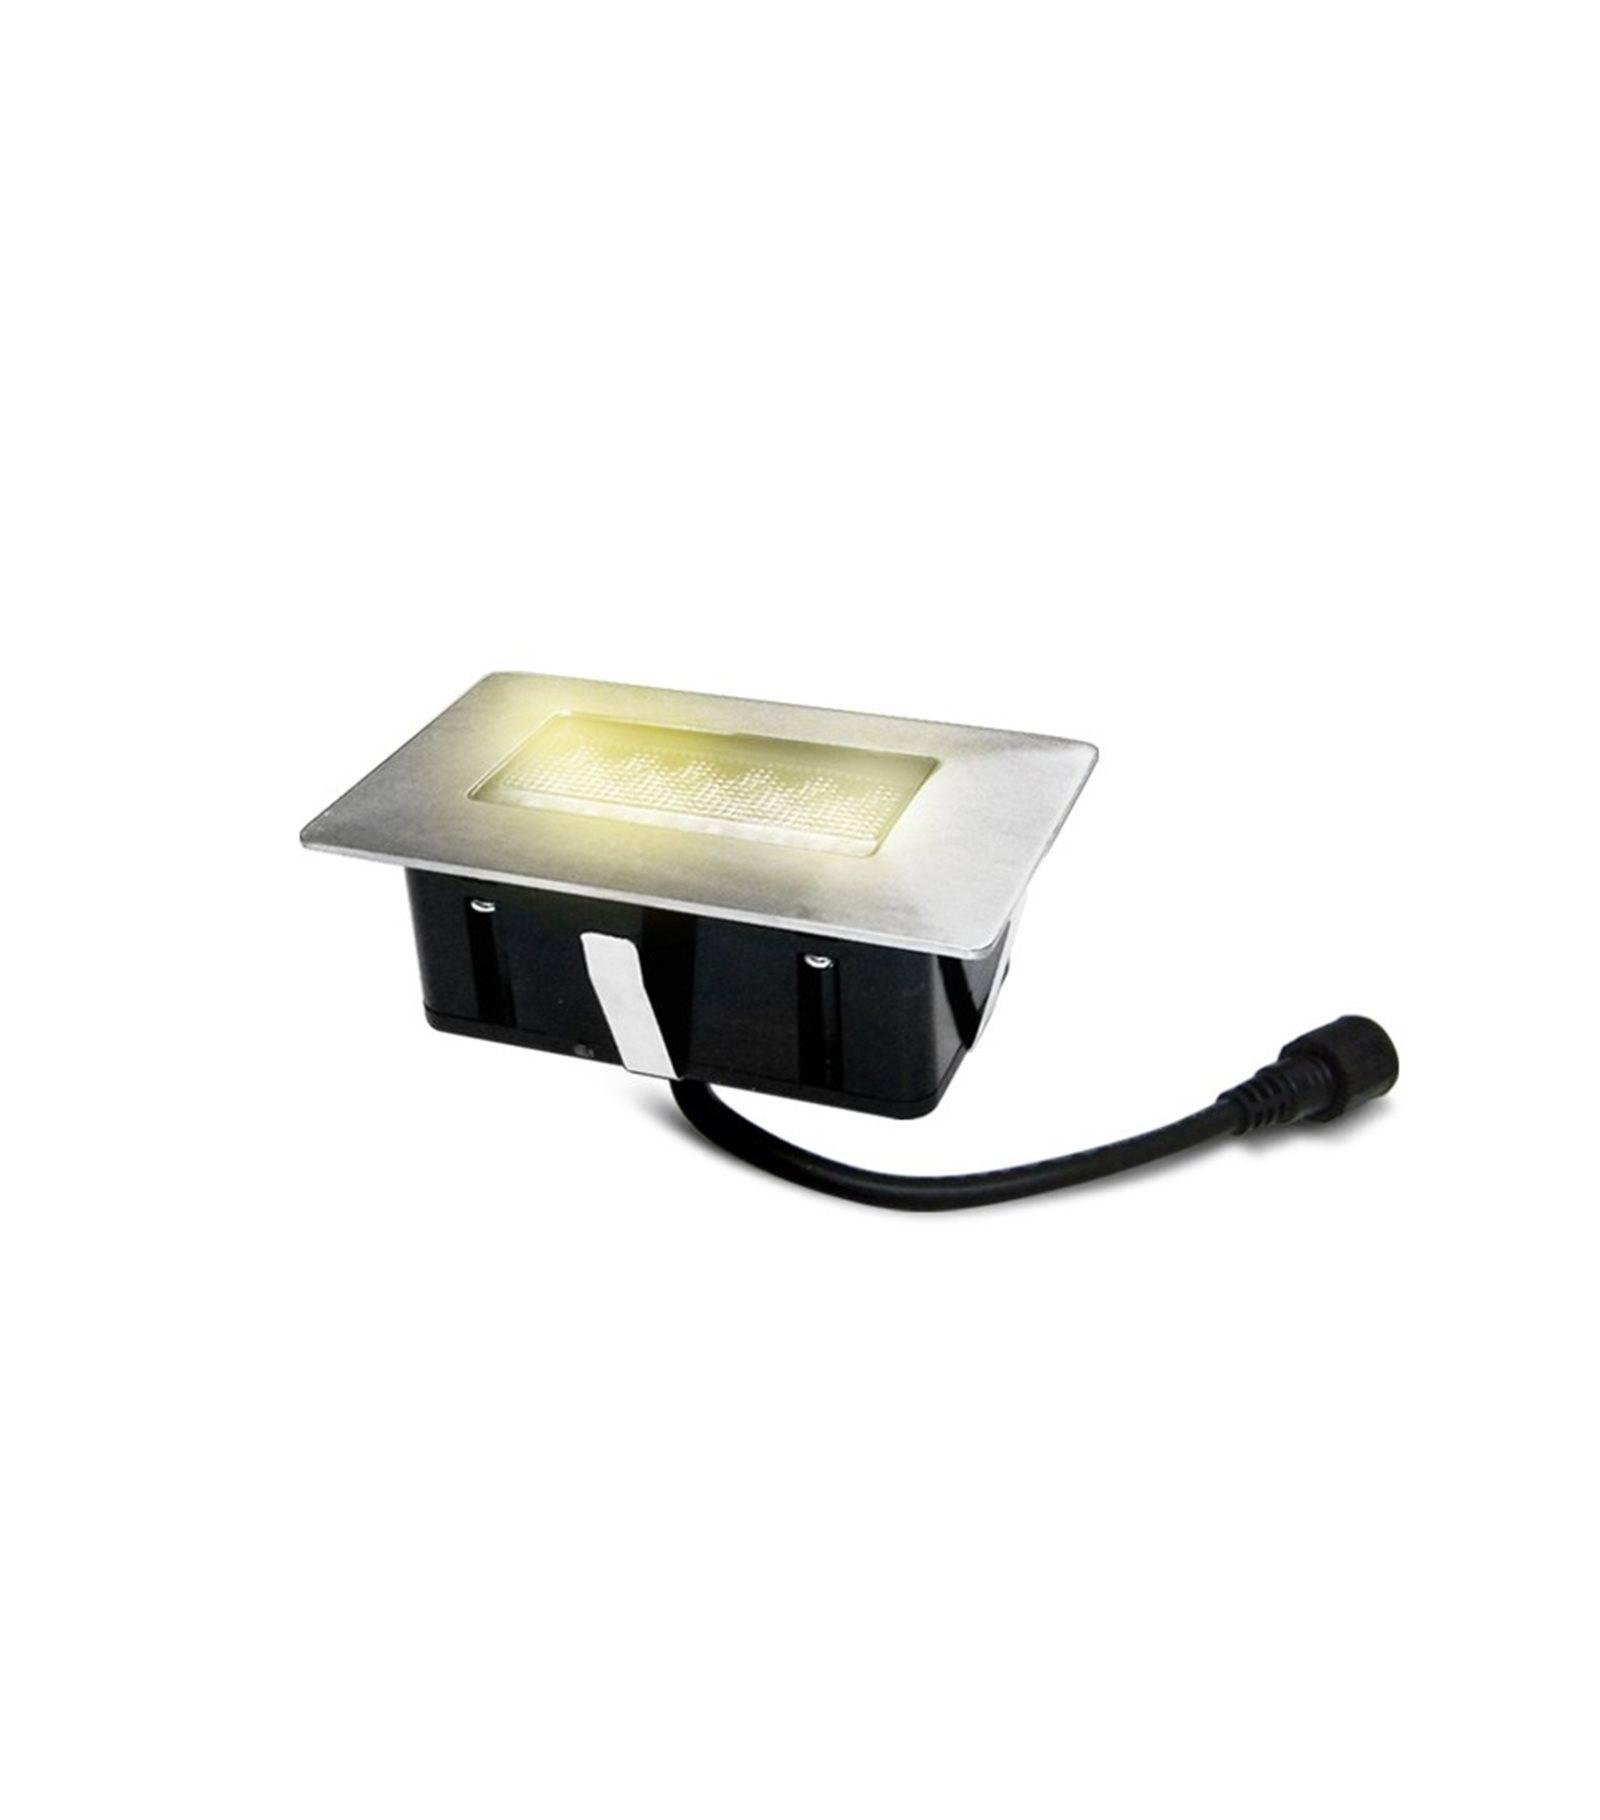 Easy Connect Mini Spot encastrable rectangle 6x10cm Inox Mini DECK Light 2W LED integrés IP67 Blanc Chaud extérieur EASY CONNECT - 65446